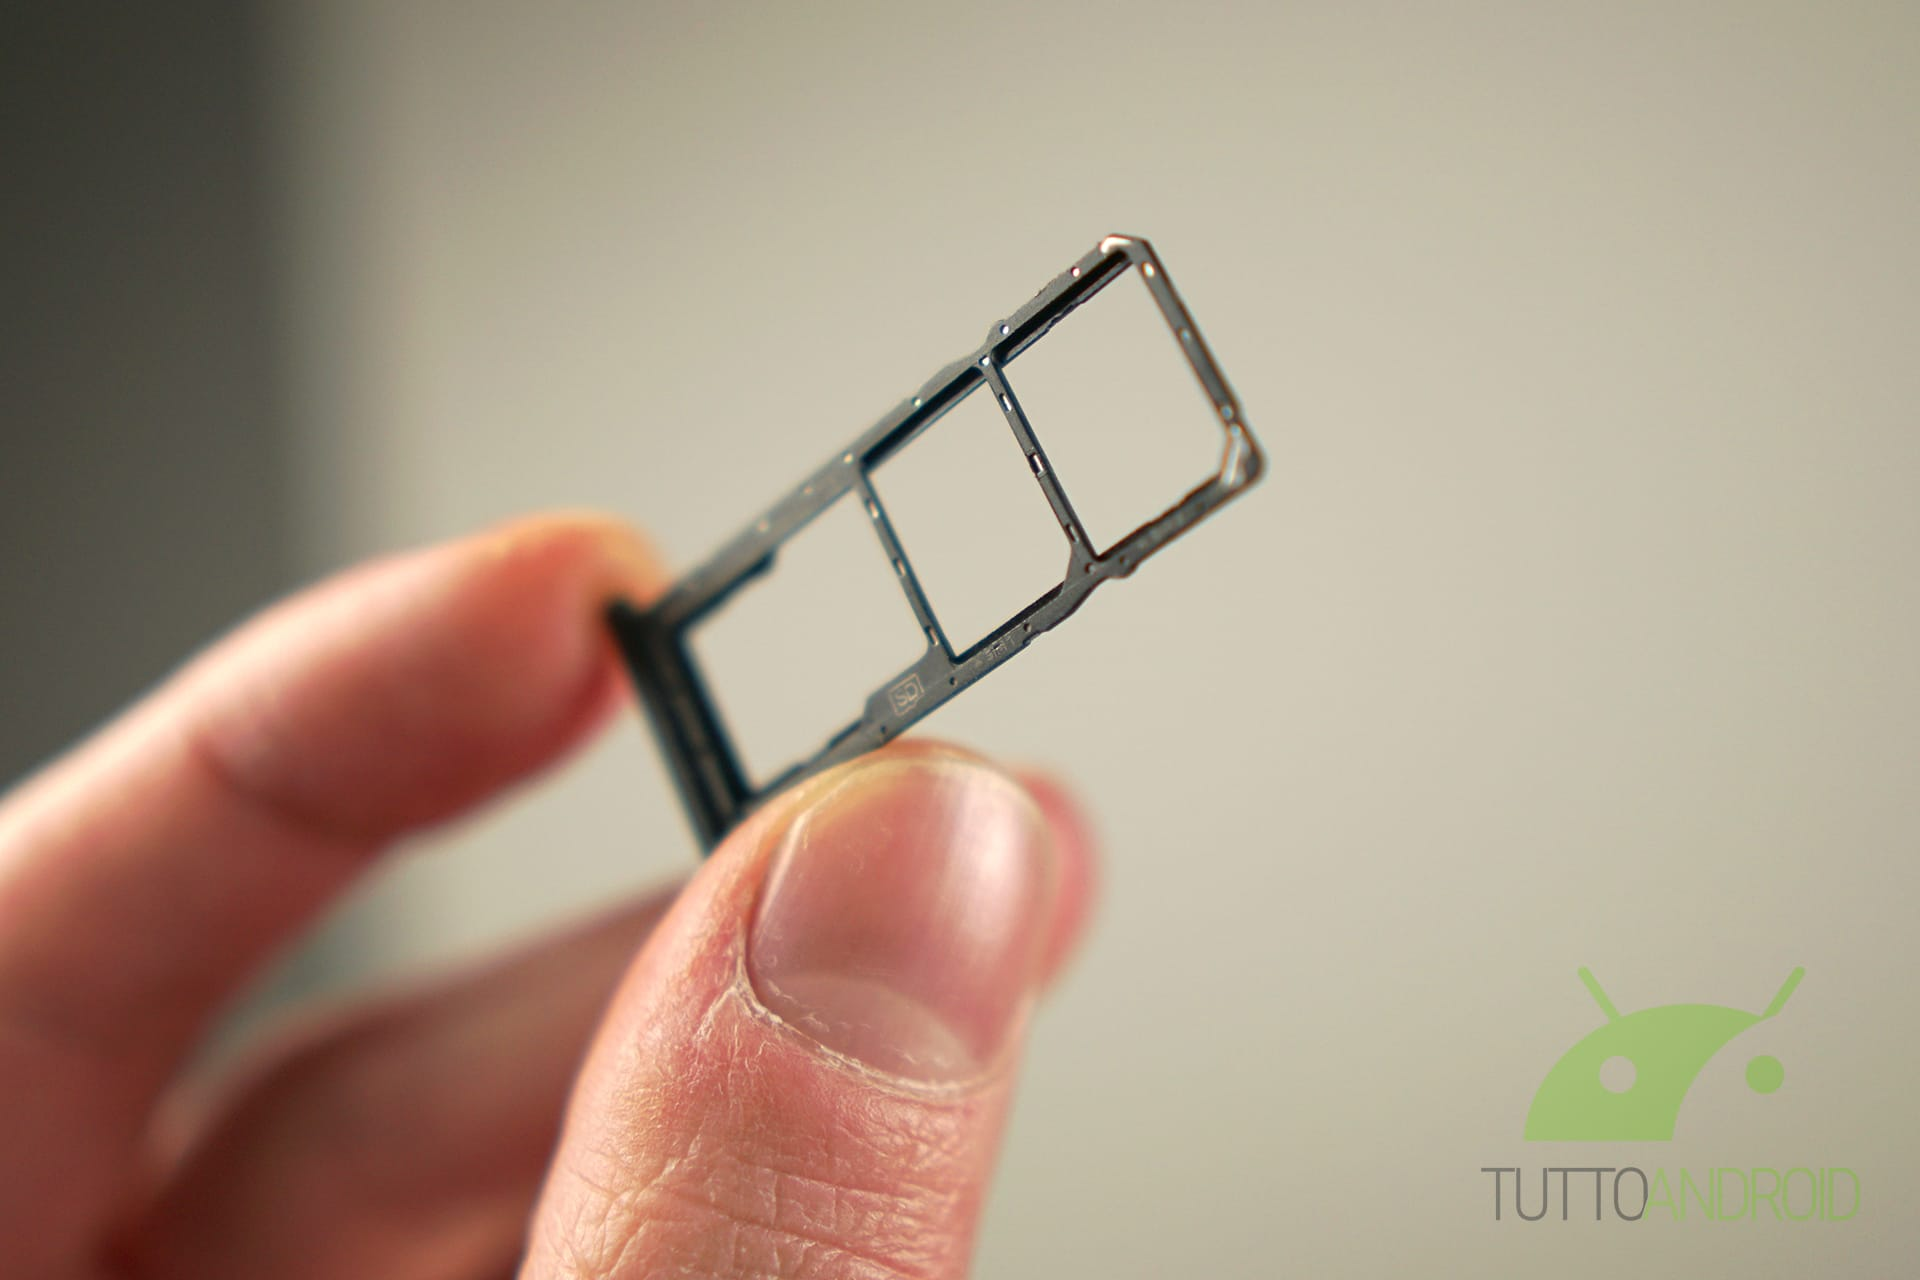 مراجعة Nokia 7.2: بناء ممتاز ، ناقص الباقي 2